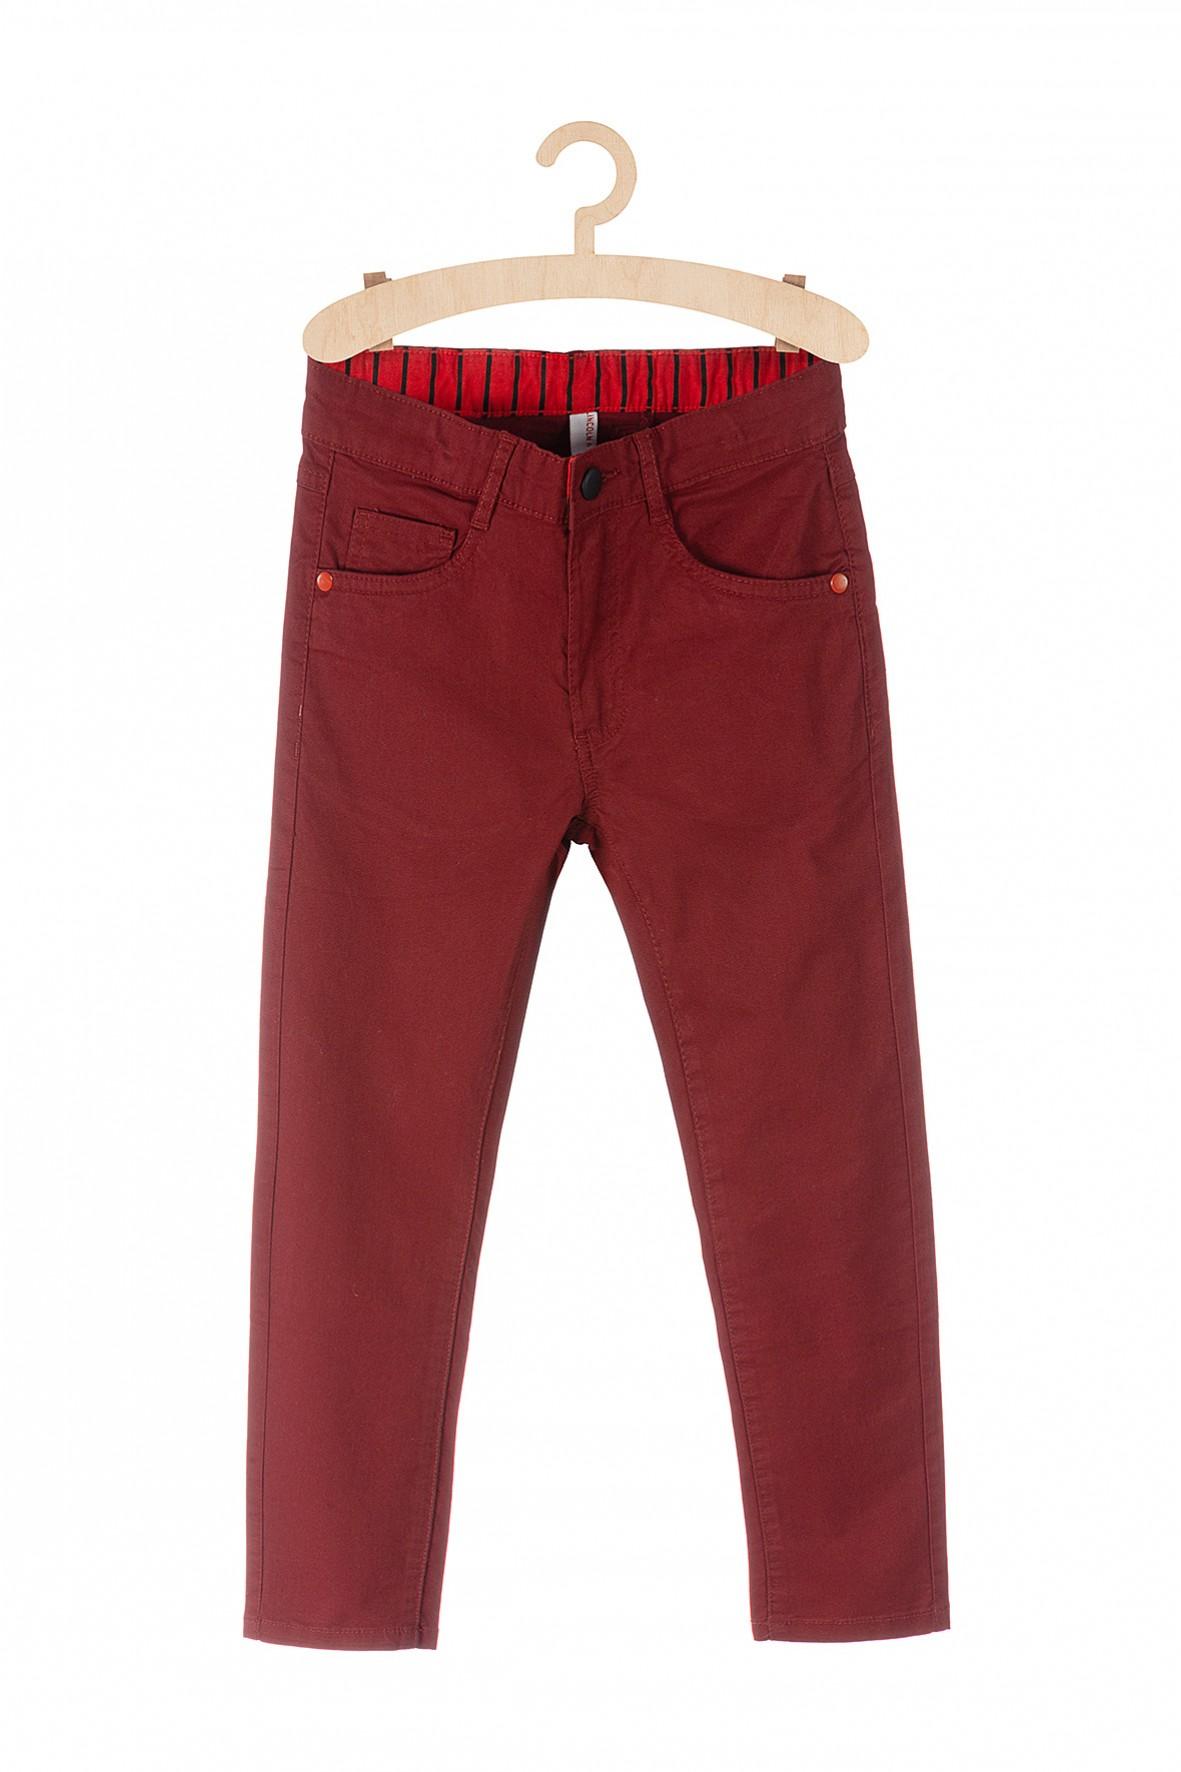 Spodnie chłopięce bordowe- klasyczny krój